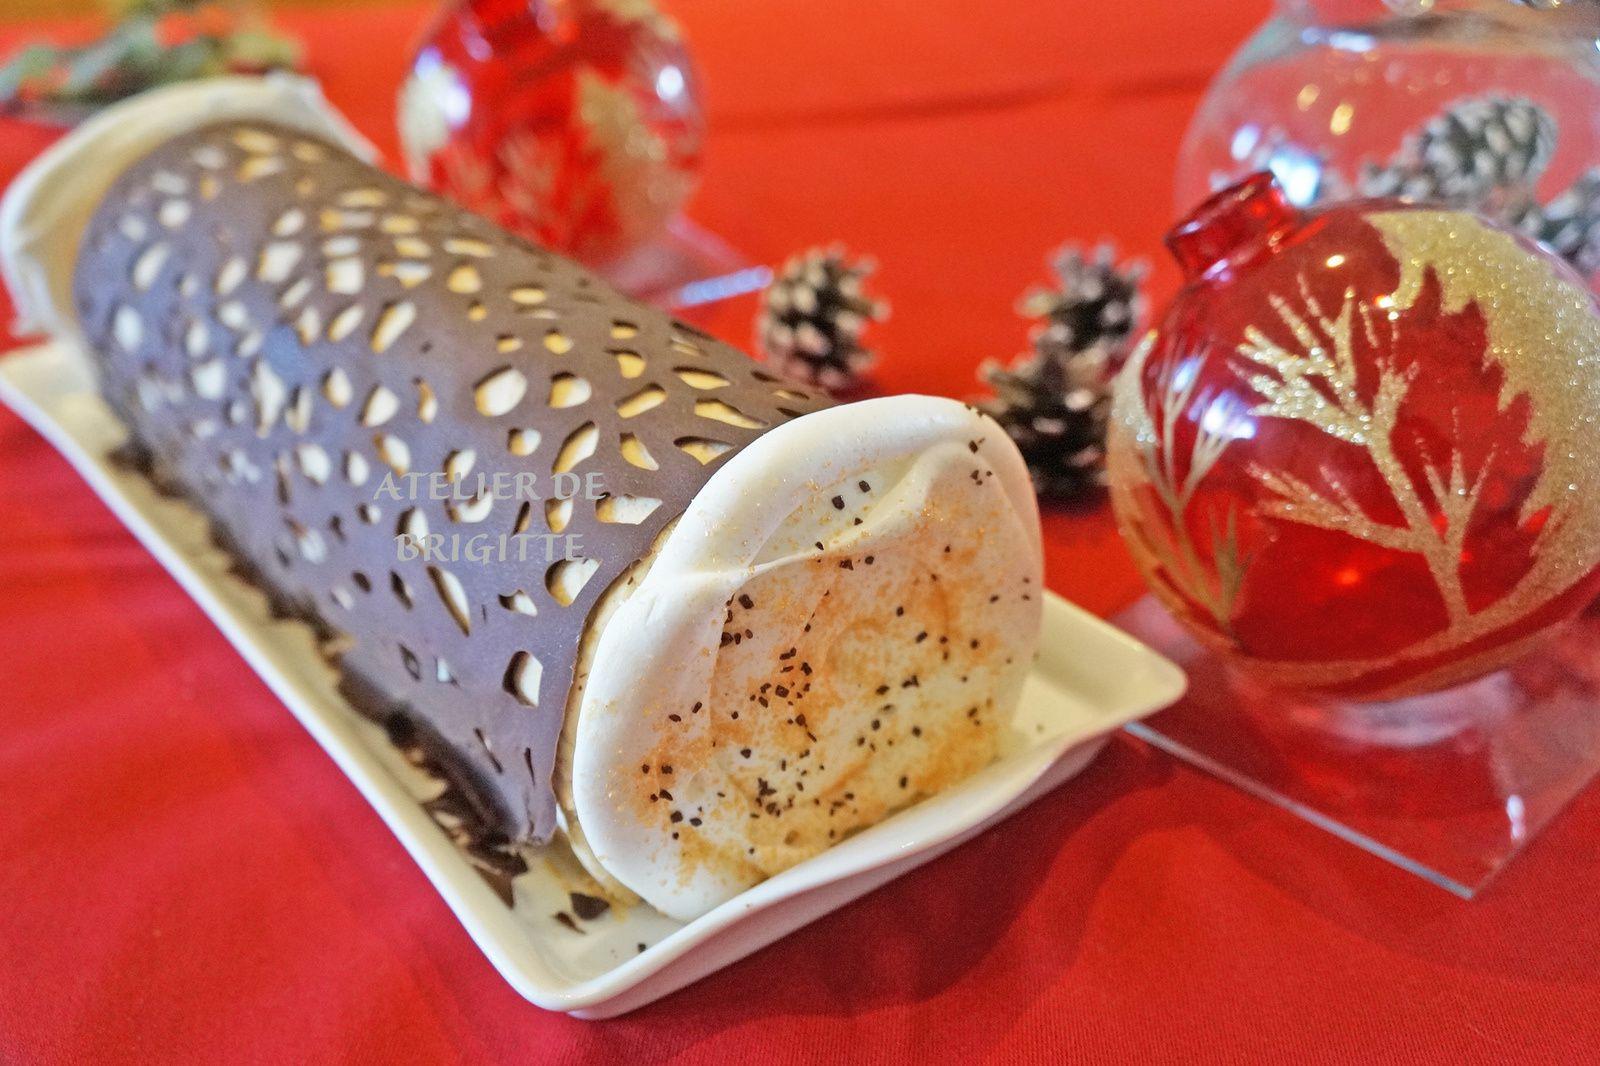 Bûche de Noël, Dessert Saint Sylvestre, Bûche, noisettes, caramel, recette de chef, Cédric Grolet